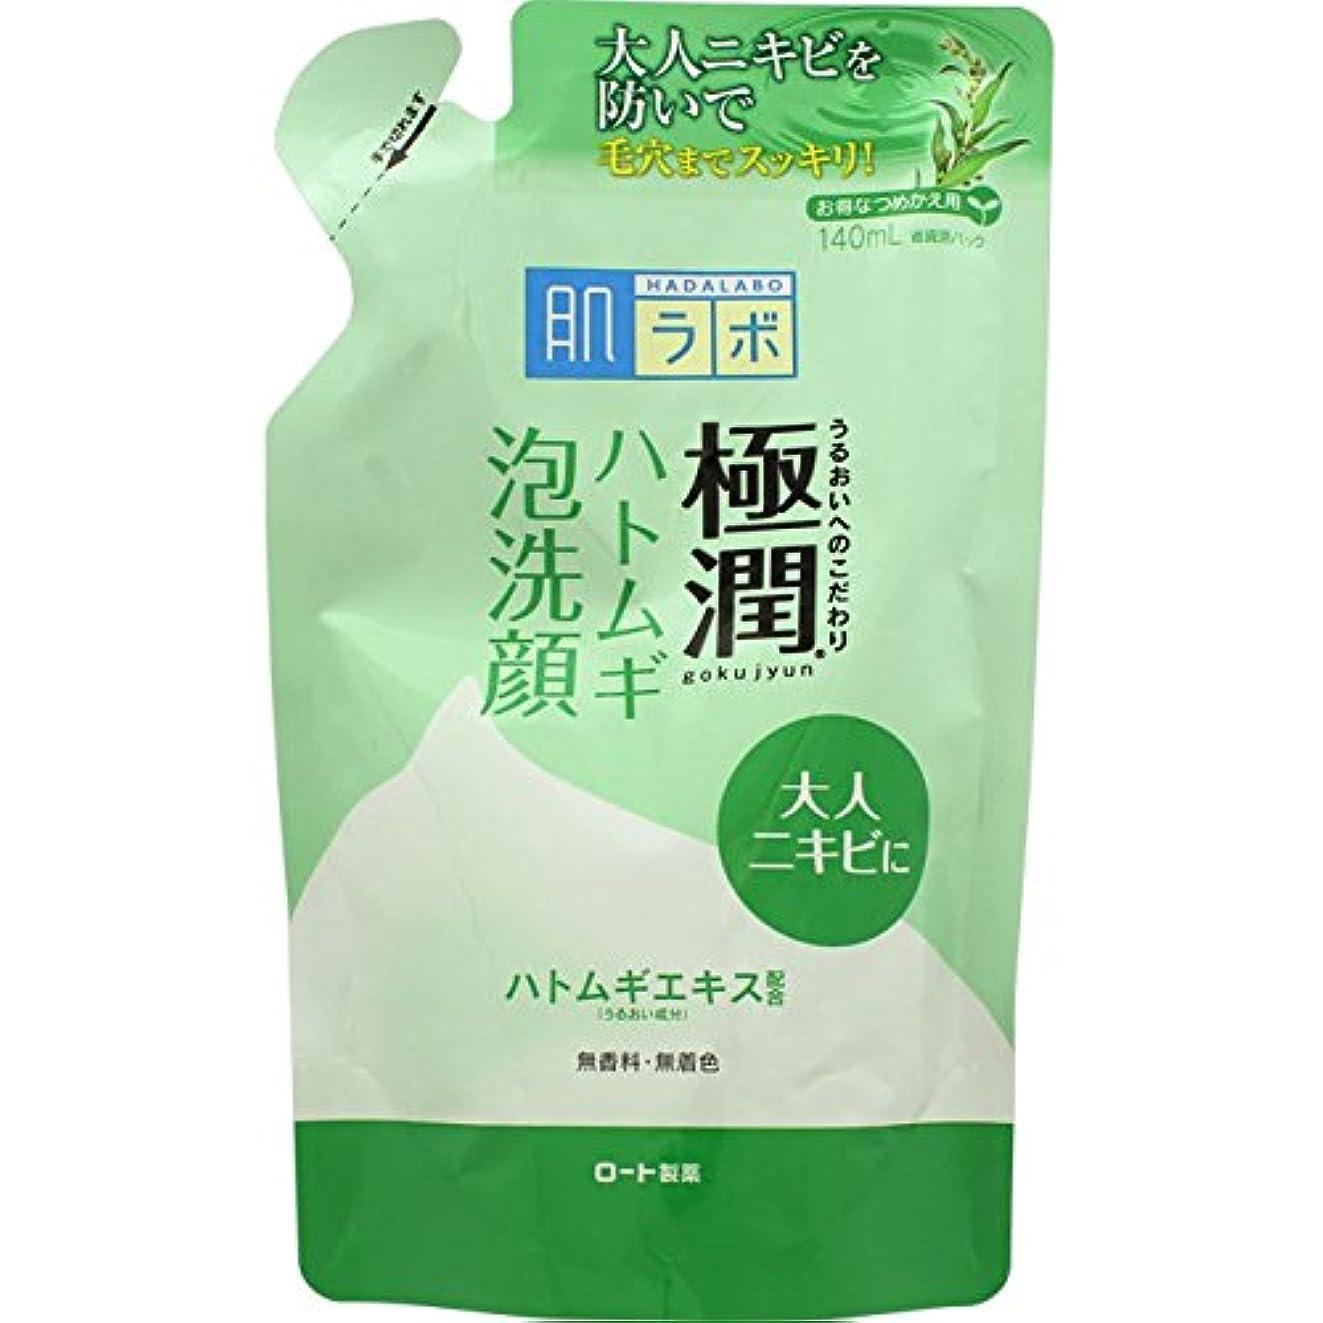 簡単な接触貞肌ラボ 極潤 毛穴洗浄 大人ニキビ予防 ハトムギ泡洗顔 詰替用 140mL